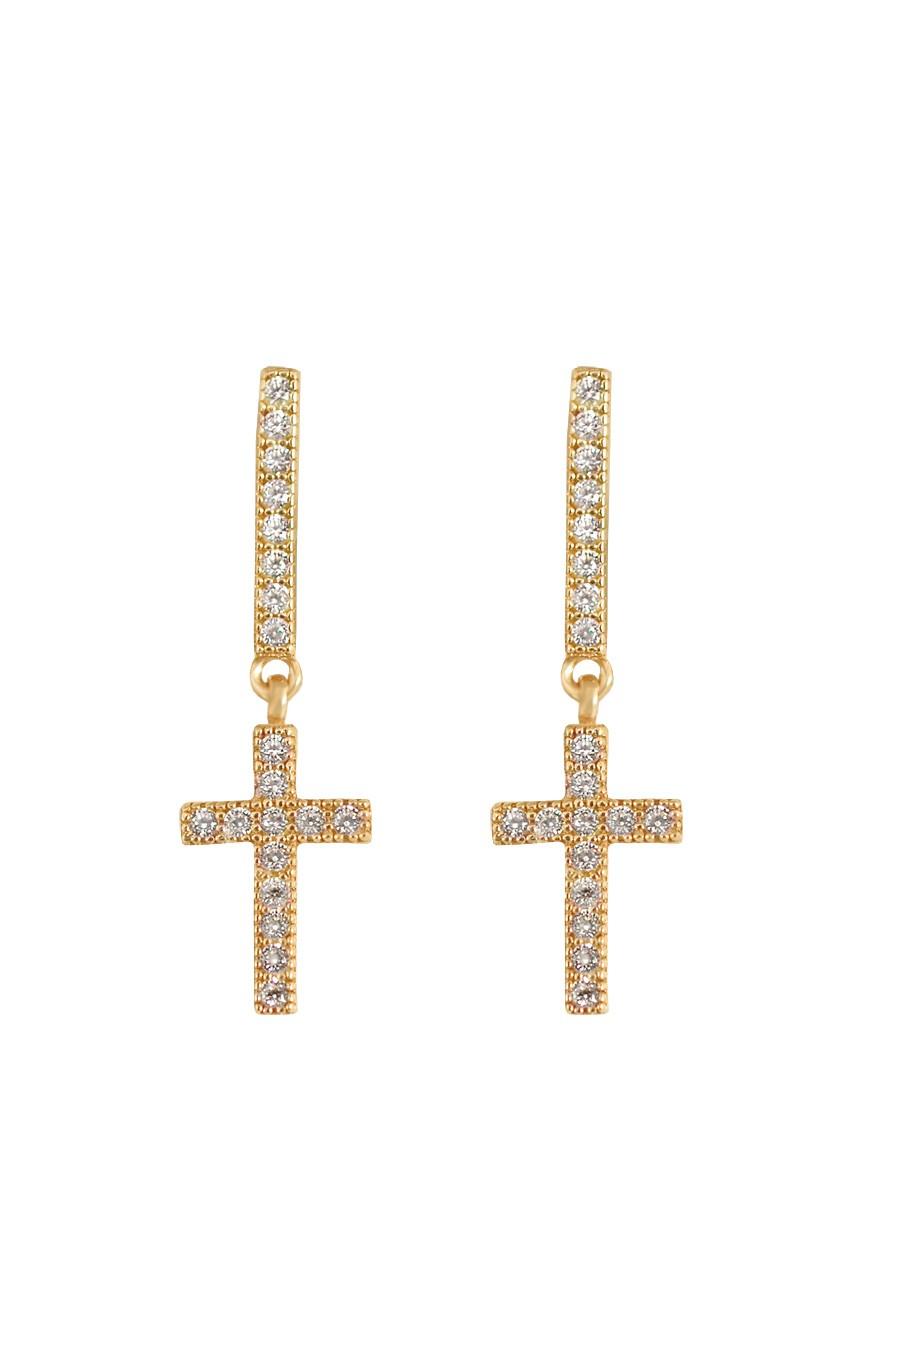 23a923b4da Ohrring  Mini Kreuz  vergoldet von Kurshuni